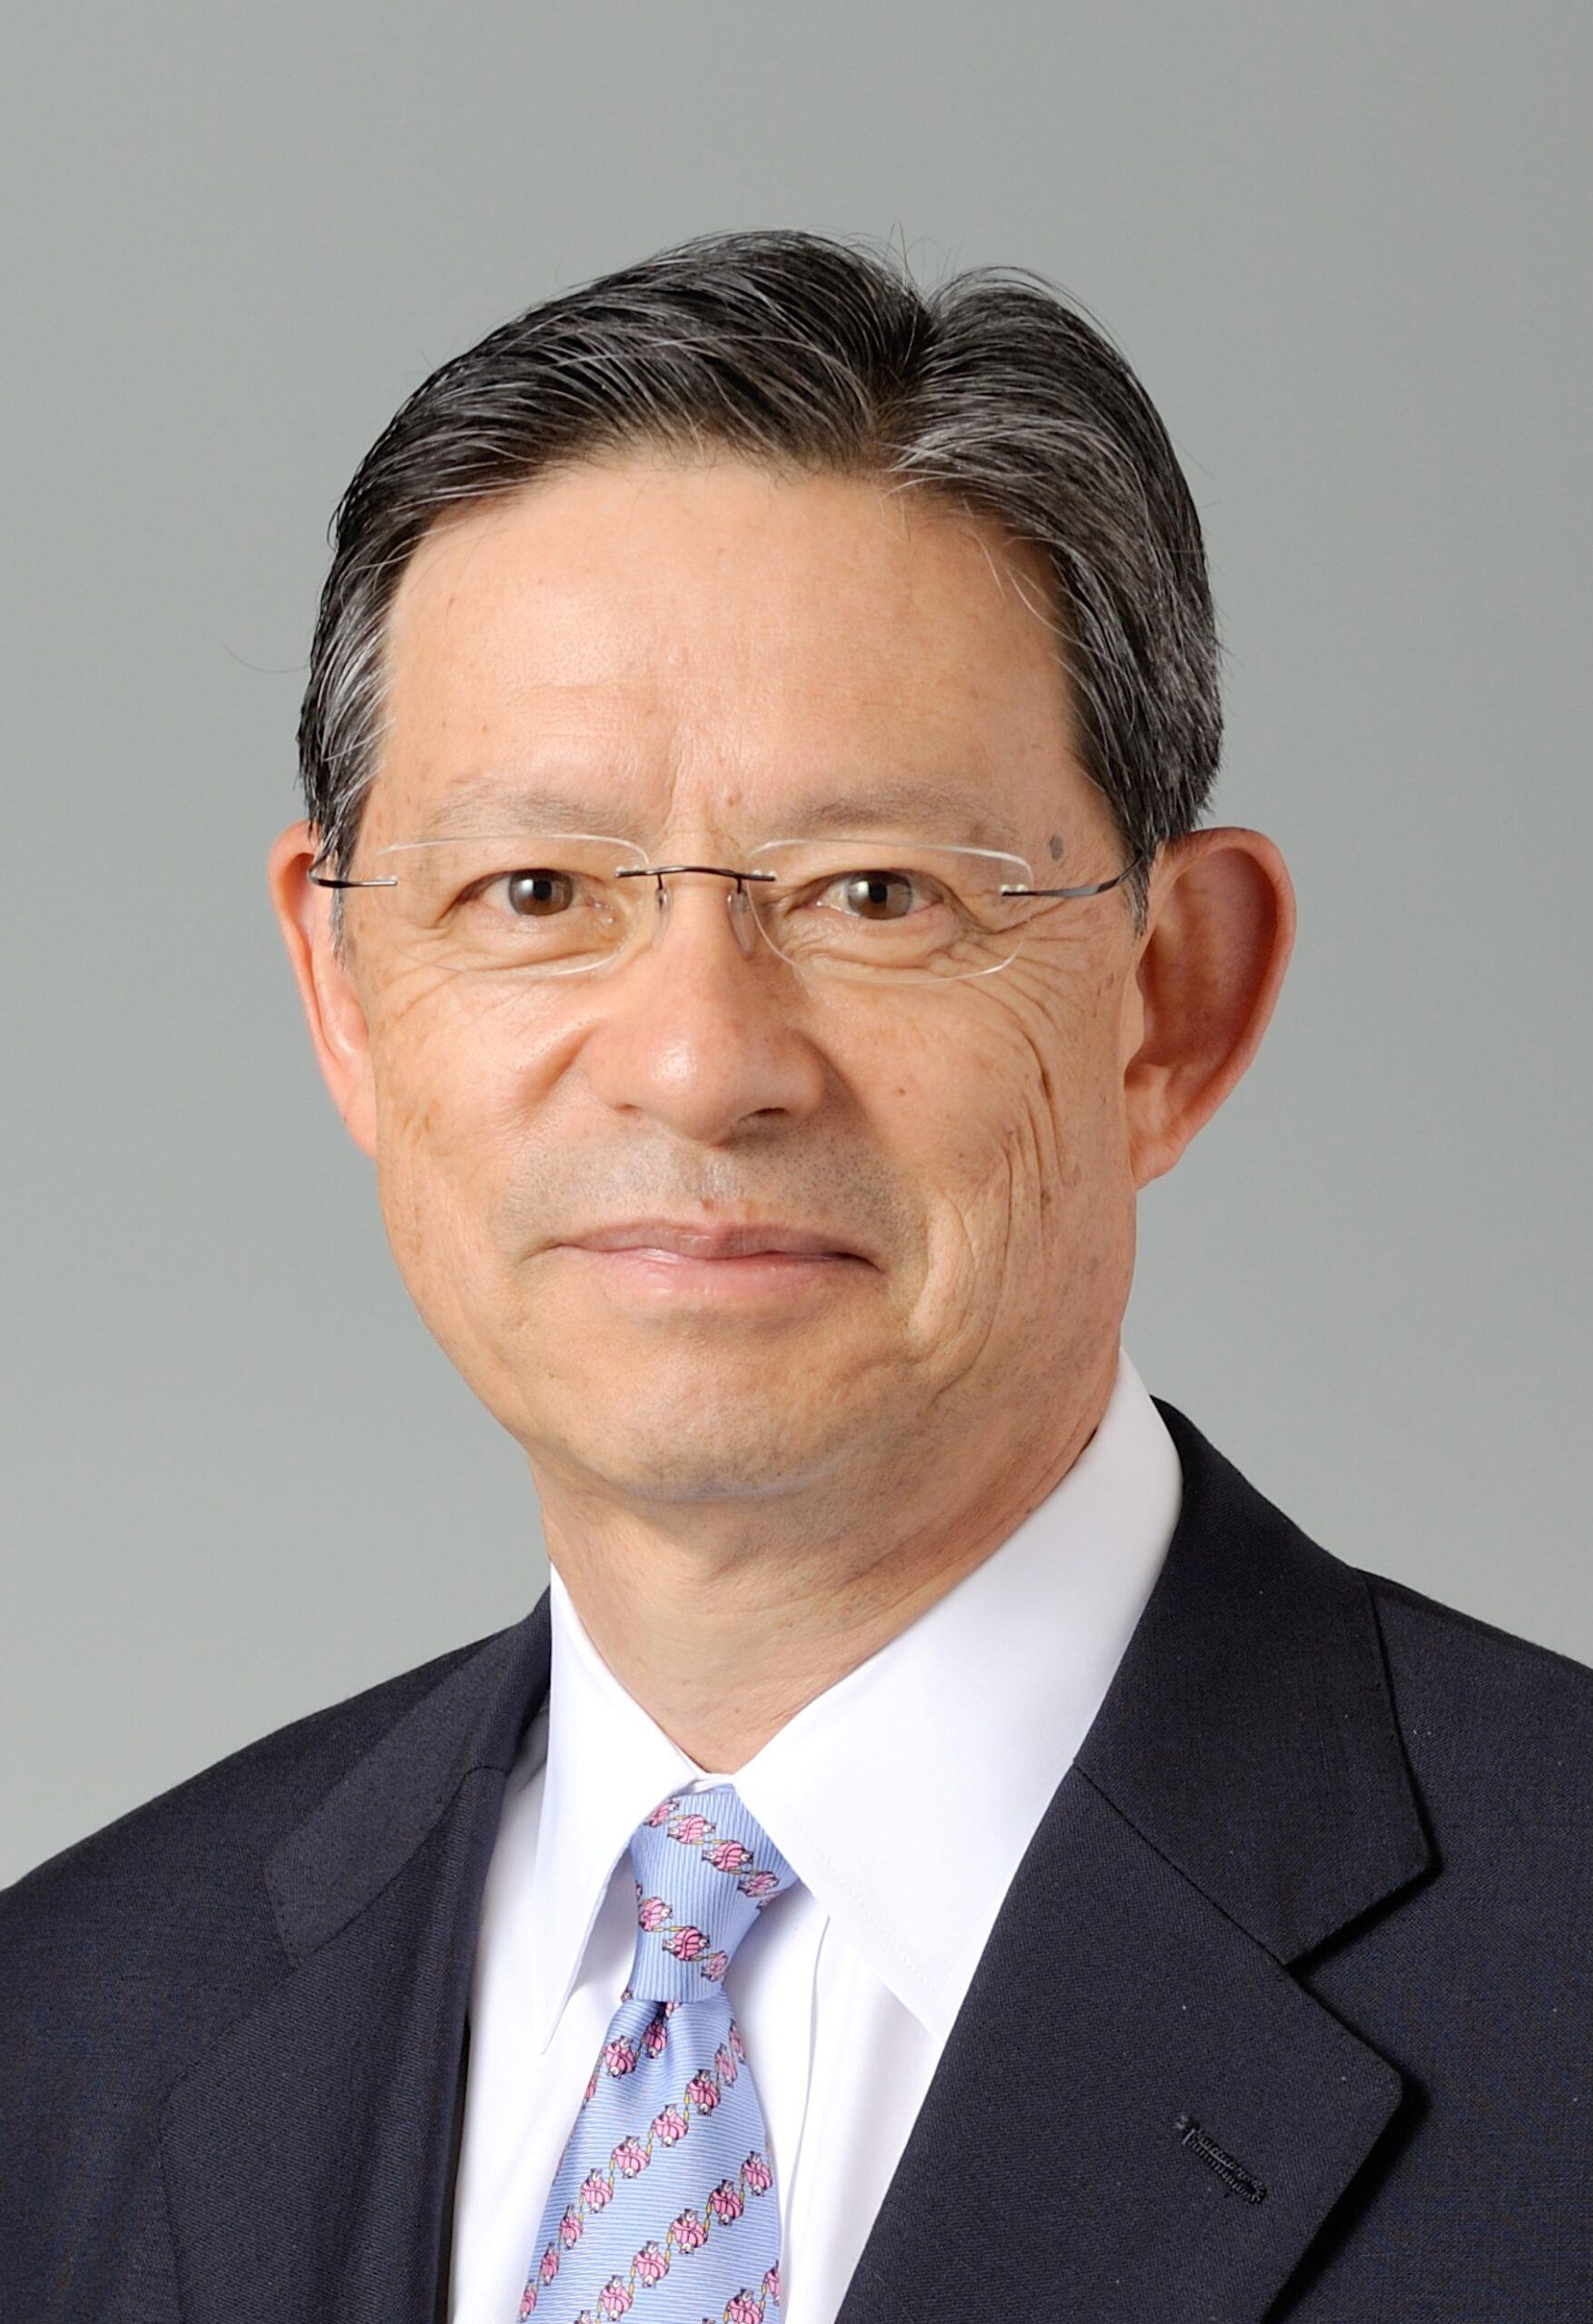 気候危機:金融の中枢が動き始めた 国連環境計画金融イニシアティブ 特別顧問 末吉竹二郎